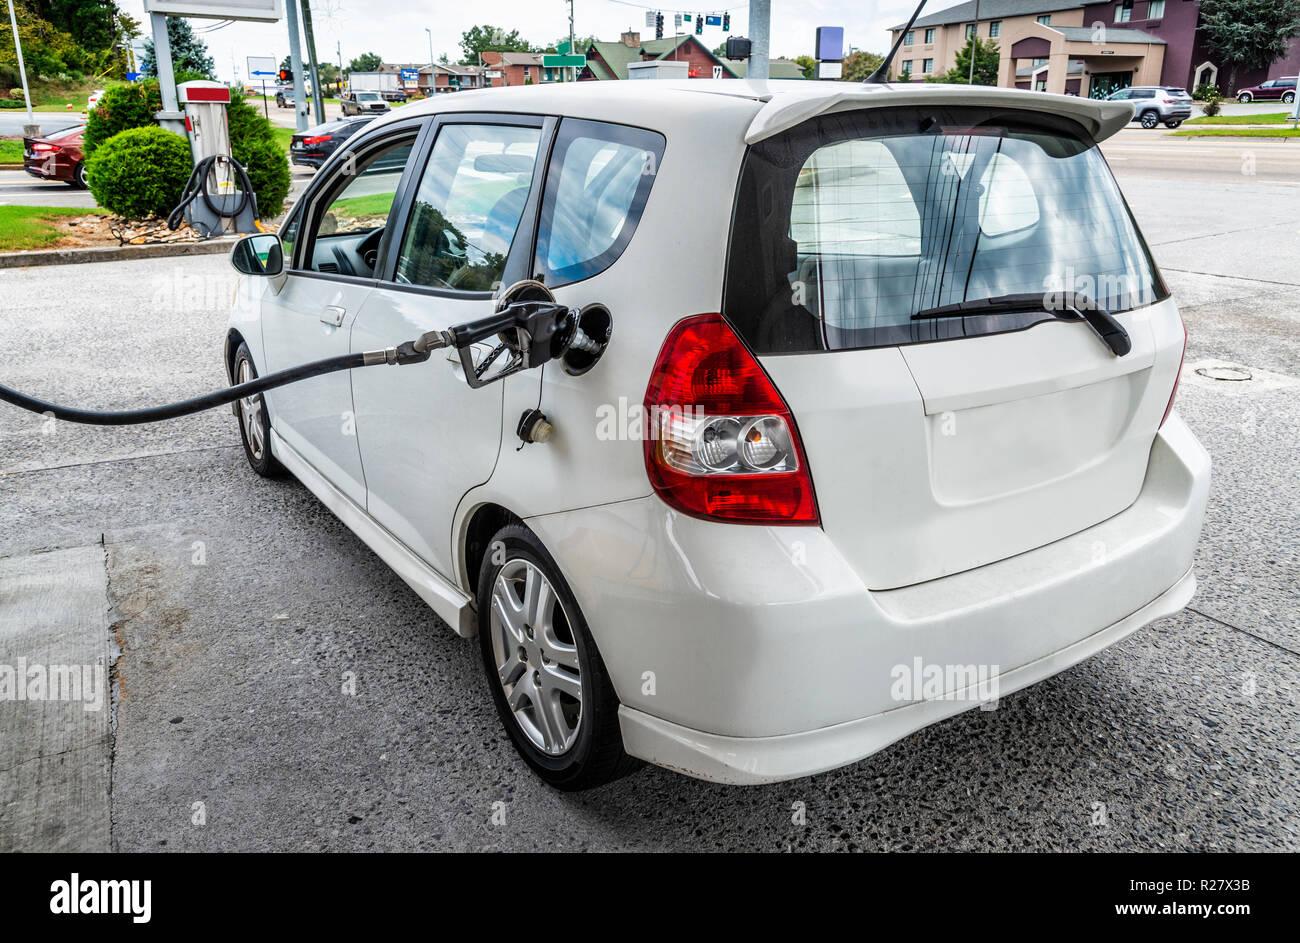 Angle horizontal de l'arrière vers l'avant d'une petite voiture blanche générique d'être rempli de l'essence. Photo Stock